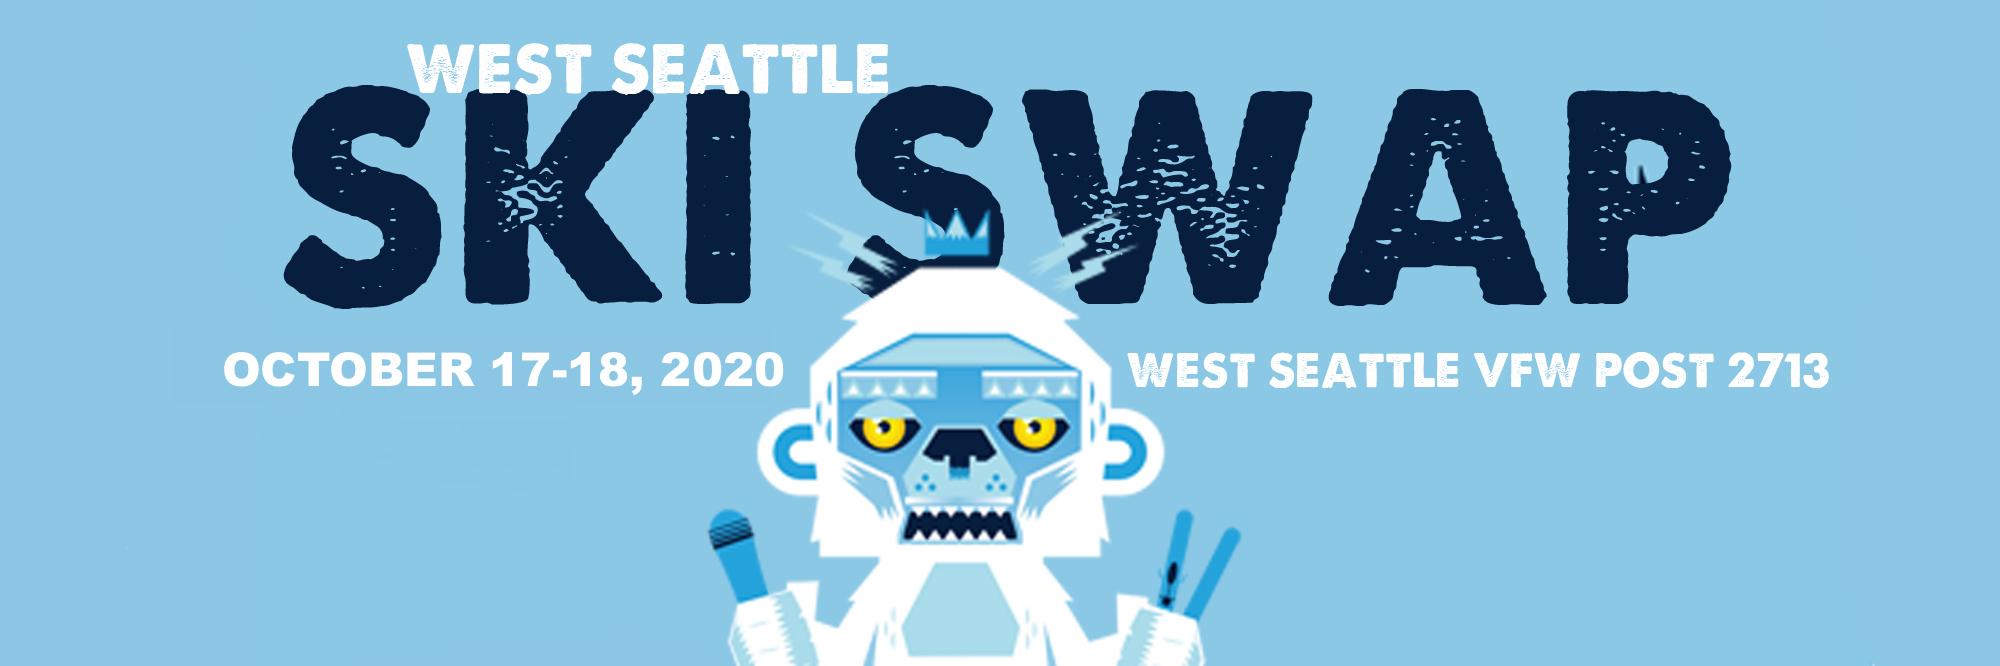 2020 West Seattle Ski Swap